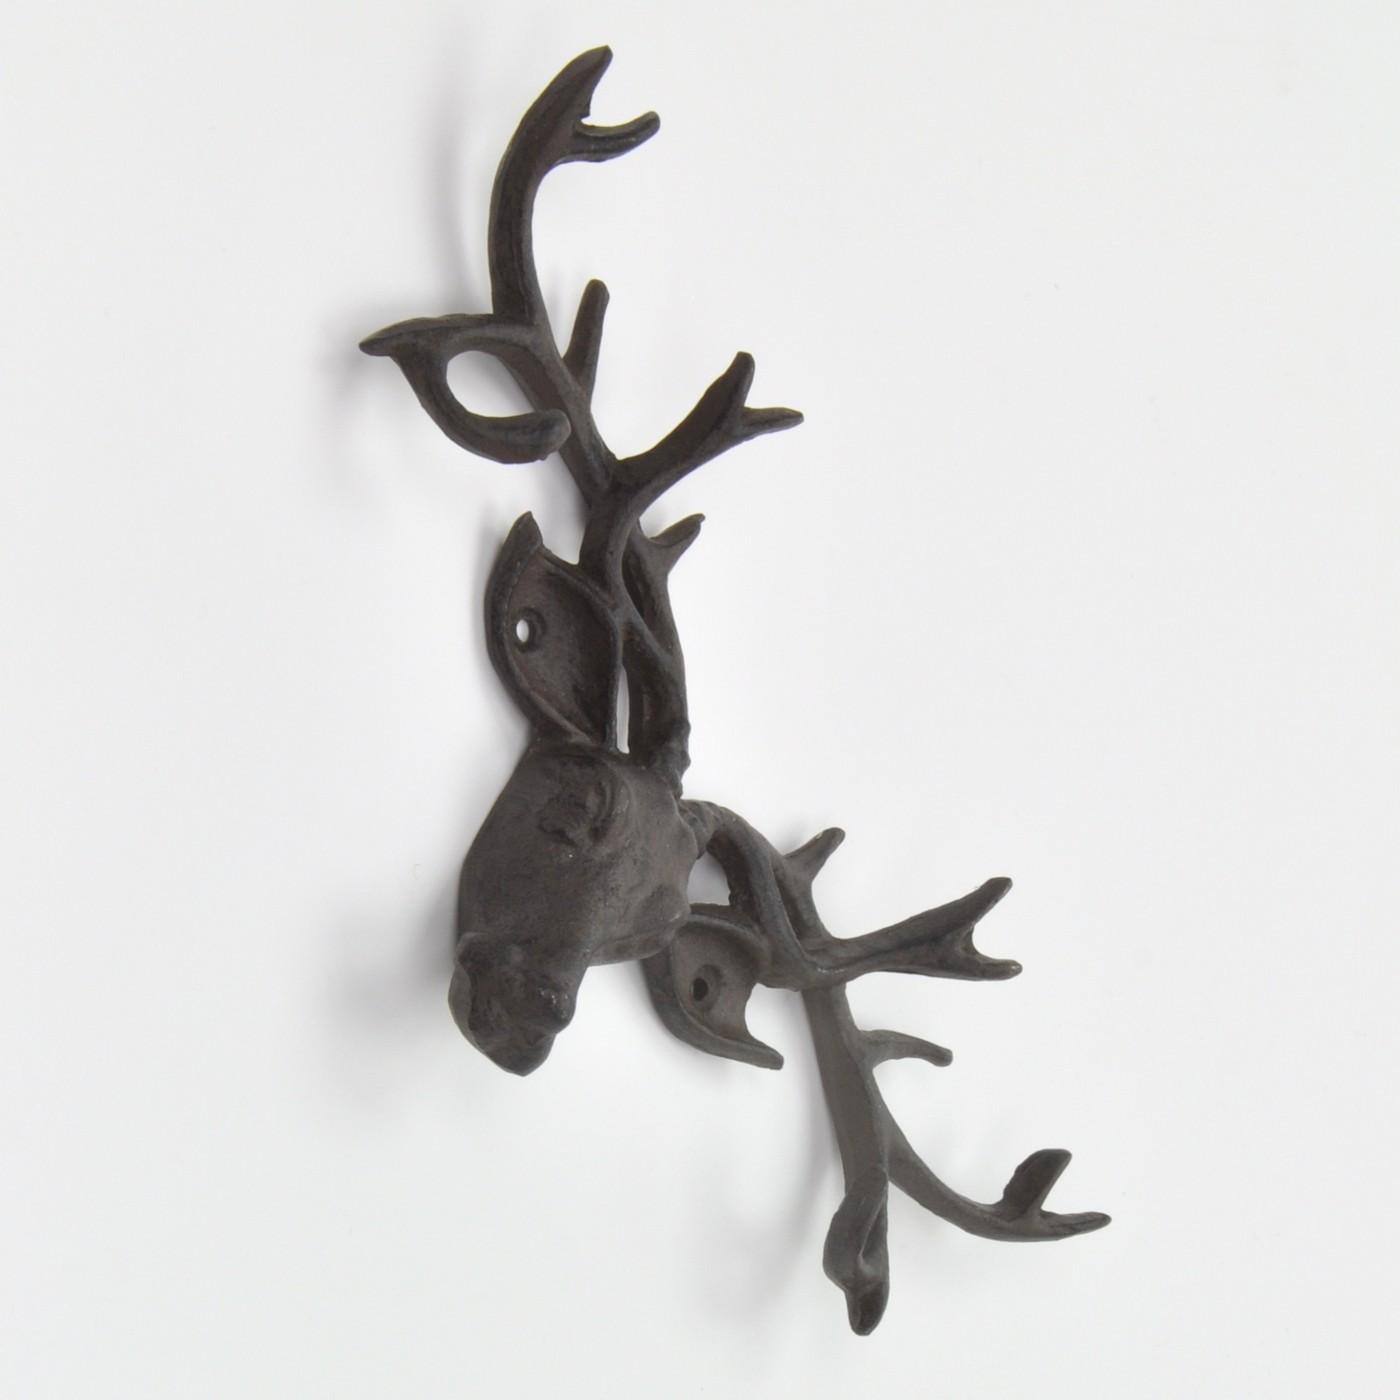 Black Deer Stag Head With Antlers Coat Rack Wall Rack